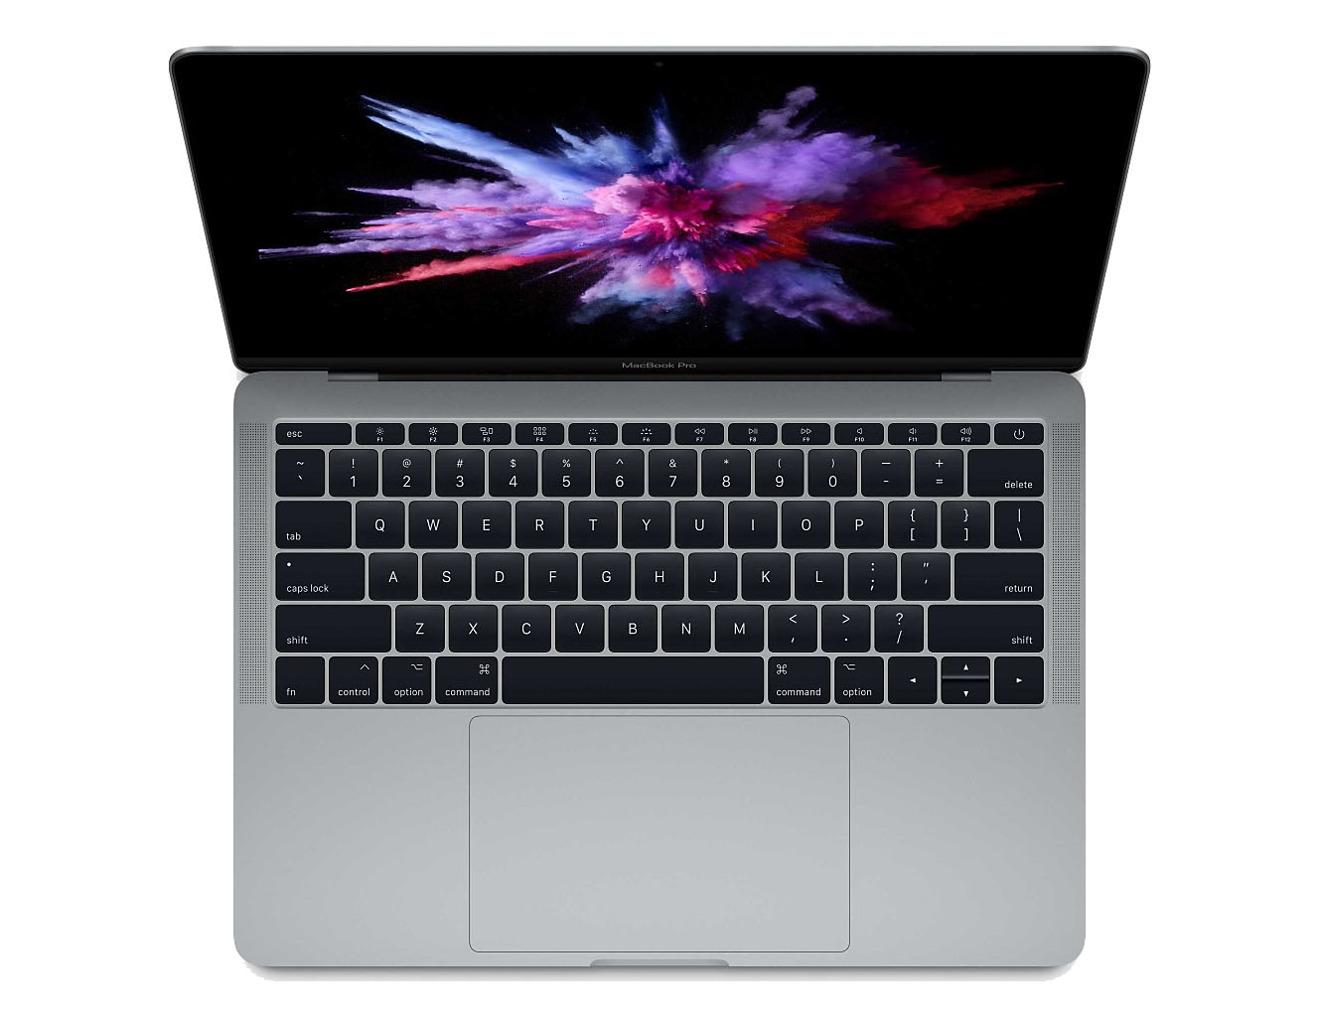 2017 13 inch MacBook Pro deals